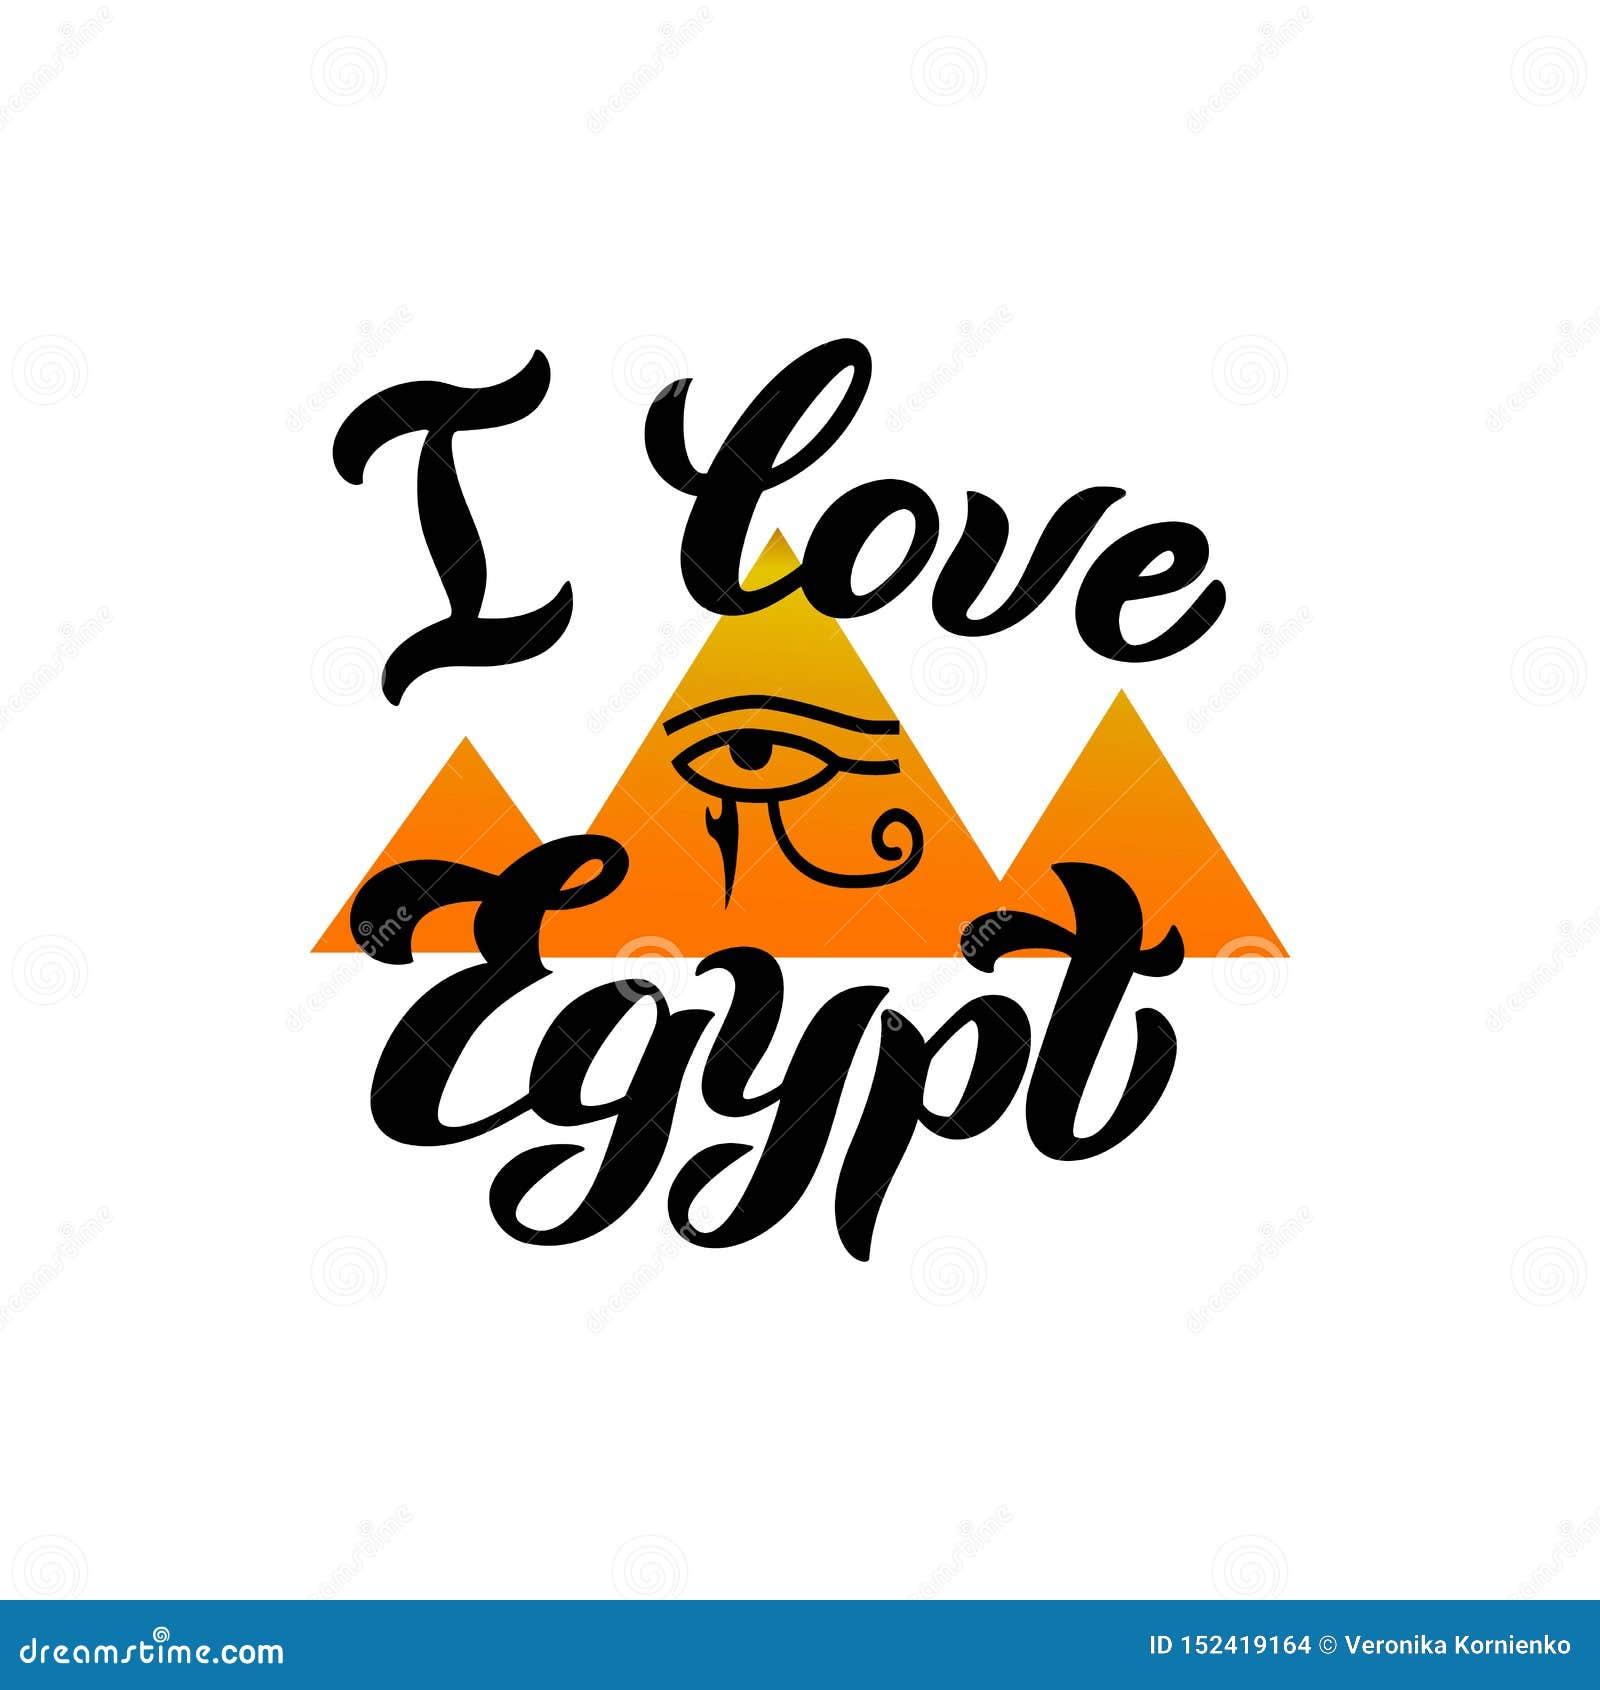 I Love Egypt Print Design. Modern Lettering Text For